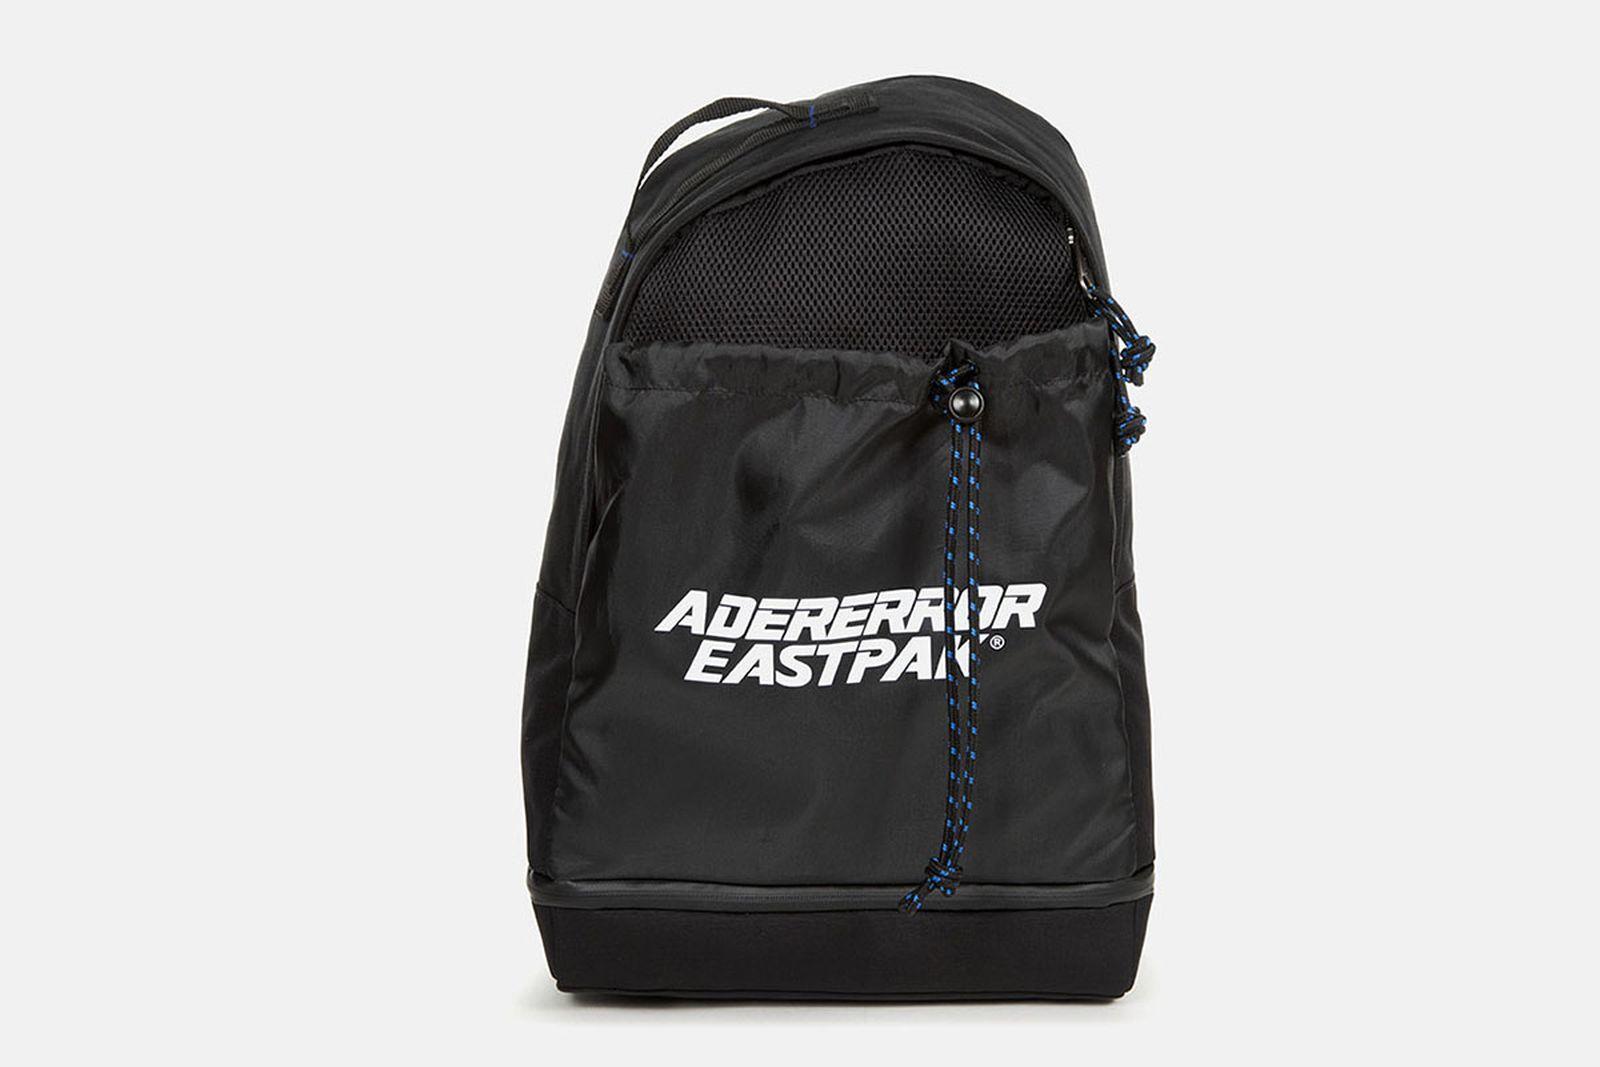 ader-error-eastpak-bags-08